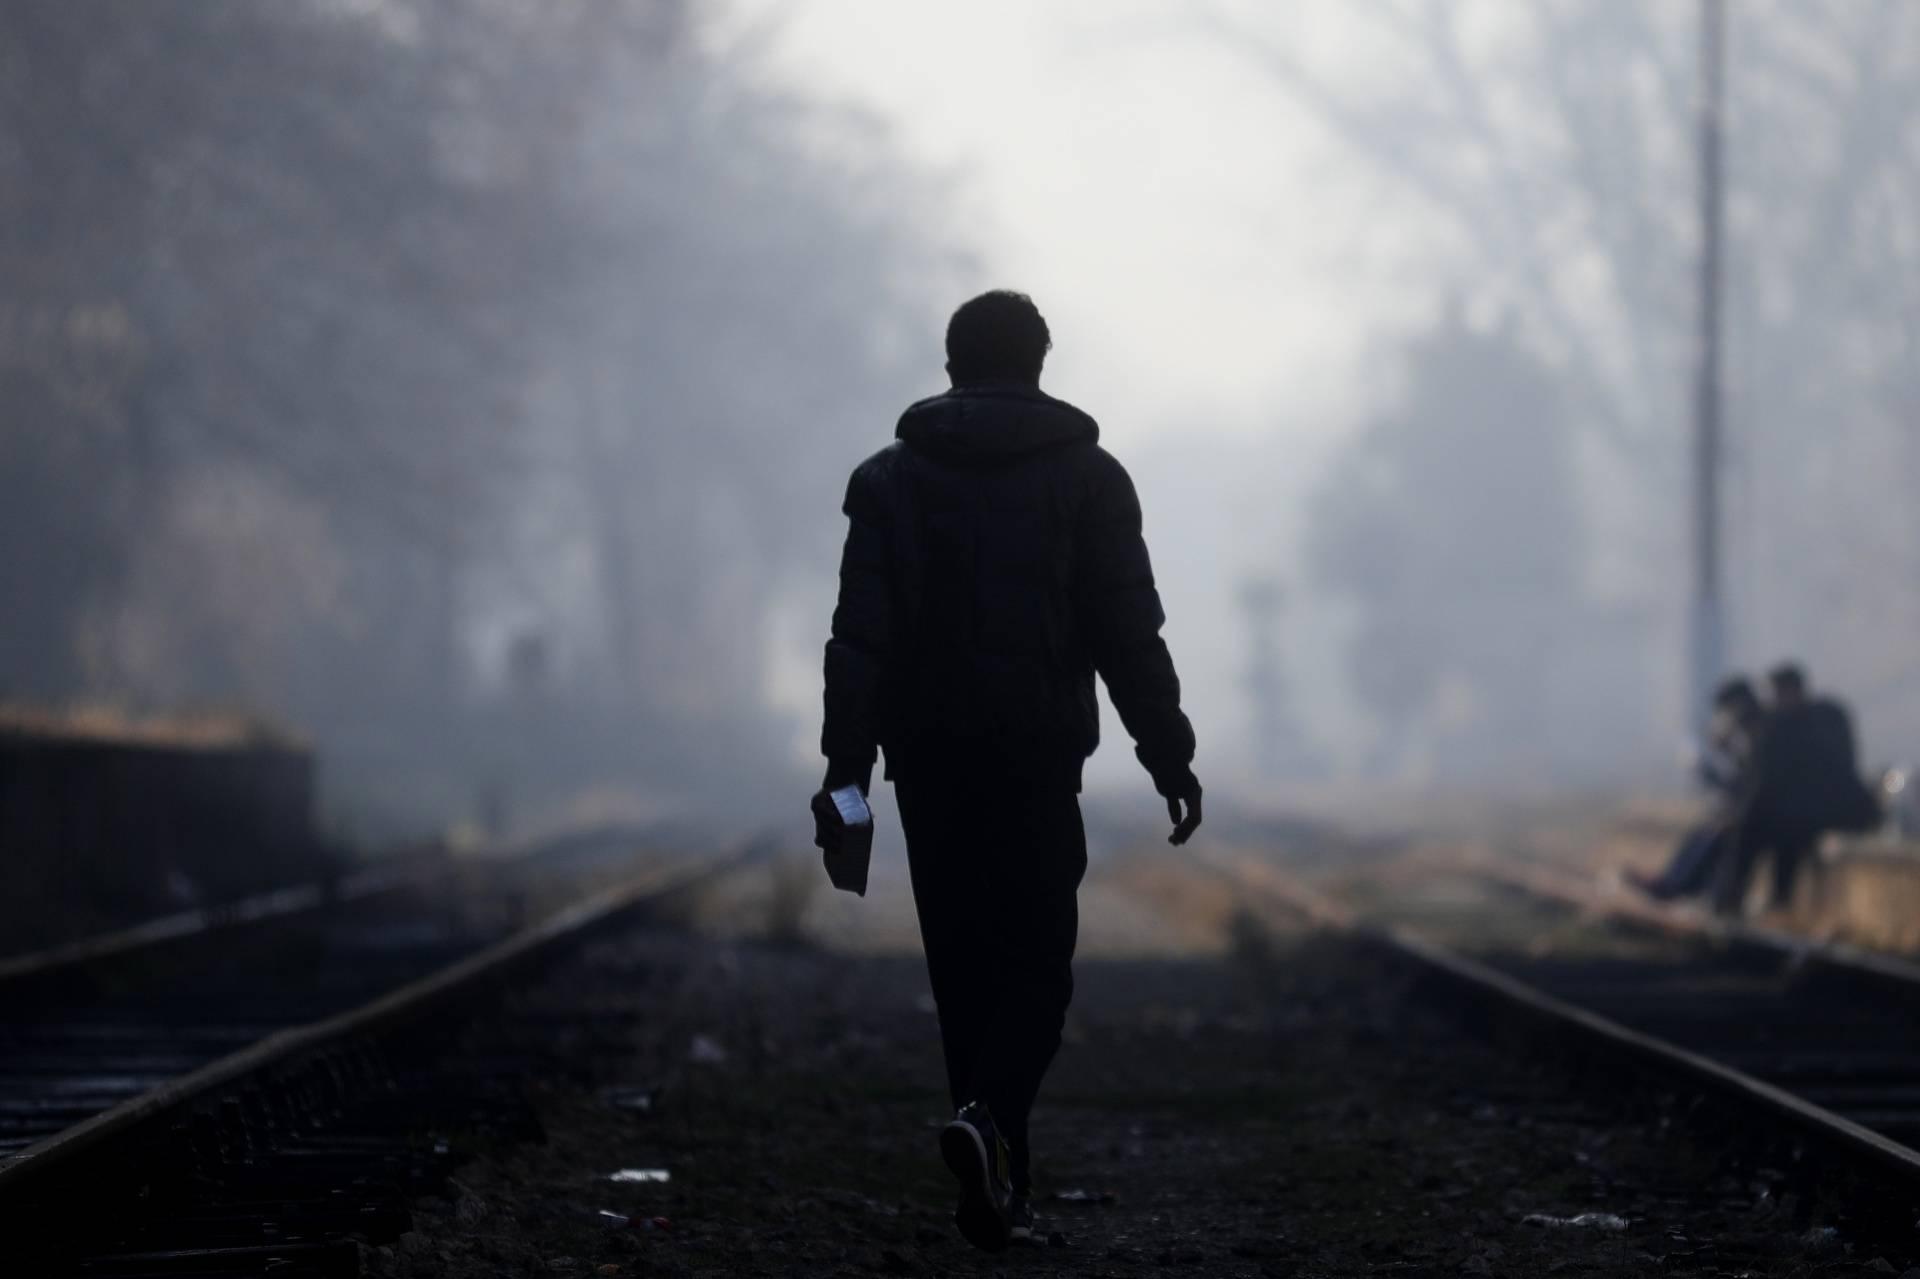 Migranti na granicama: 'Slike su zastrašujuće, EU ne reagira'